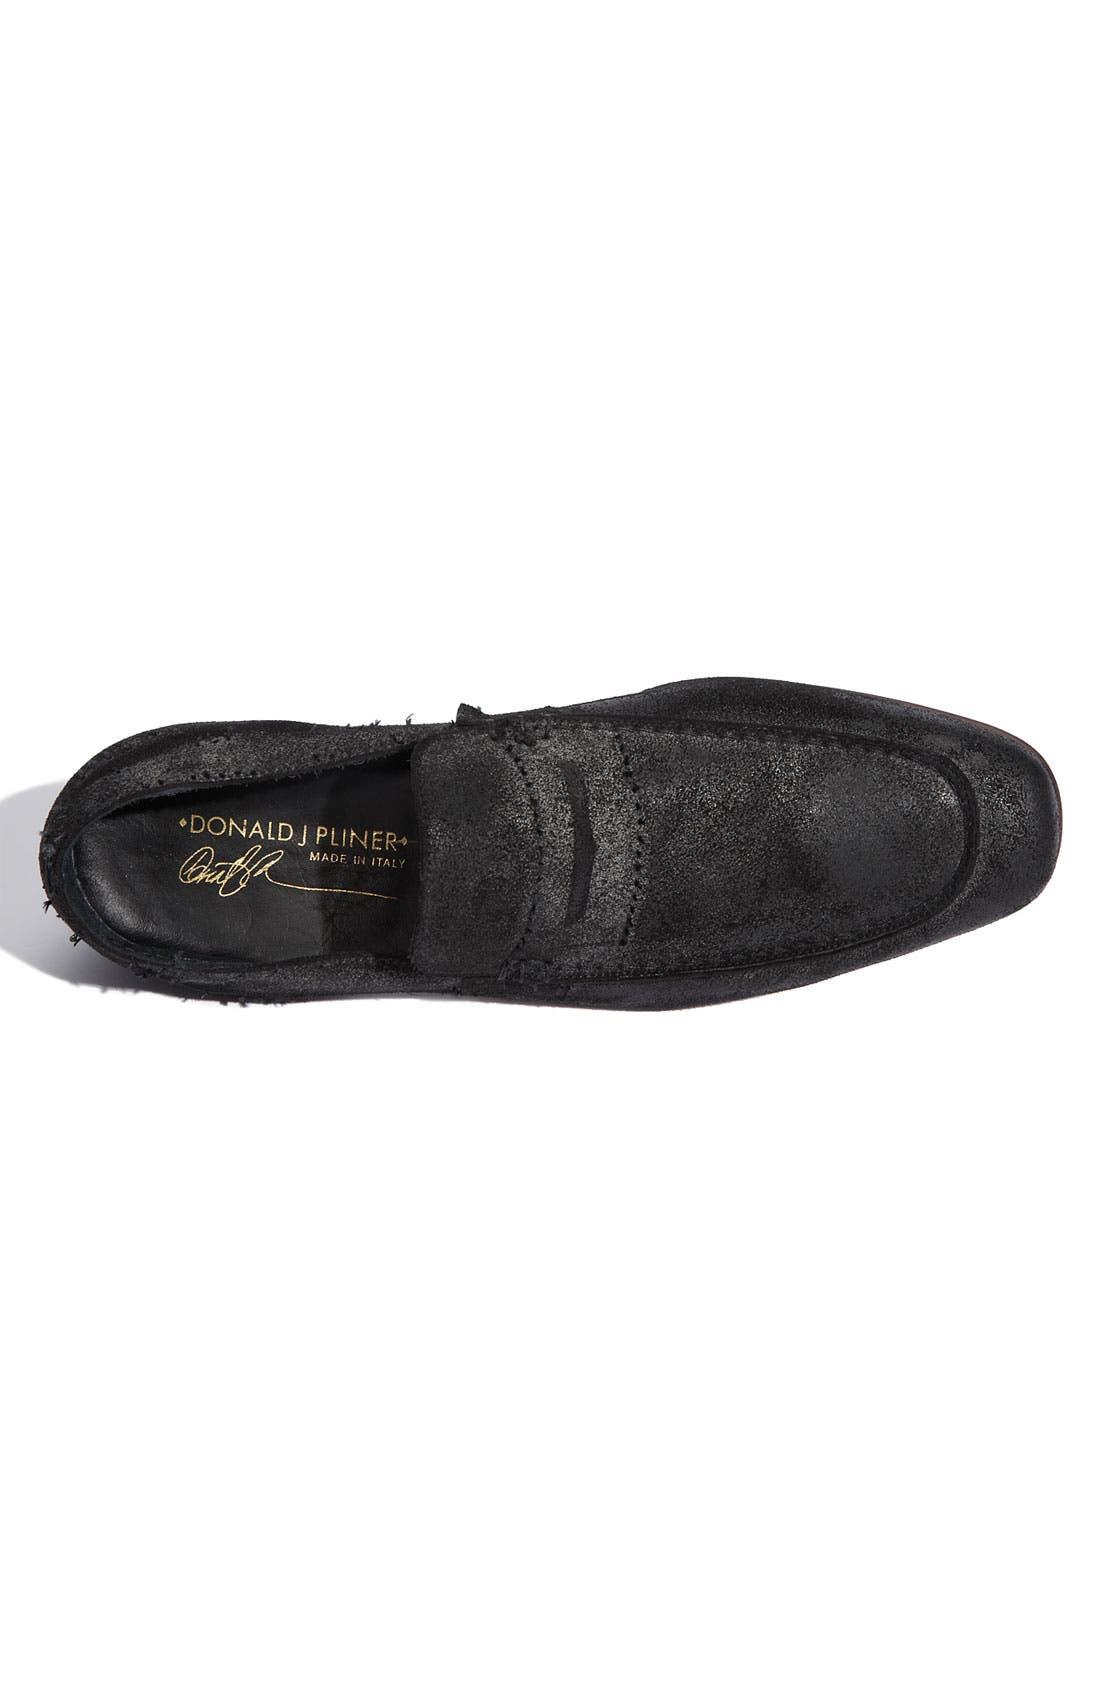 Alternate Image 3  - Donald J Pliner 'Virge' Leather Loafer